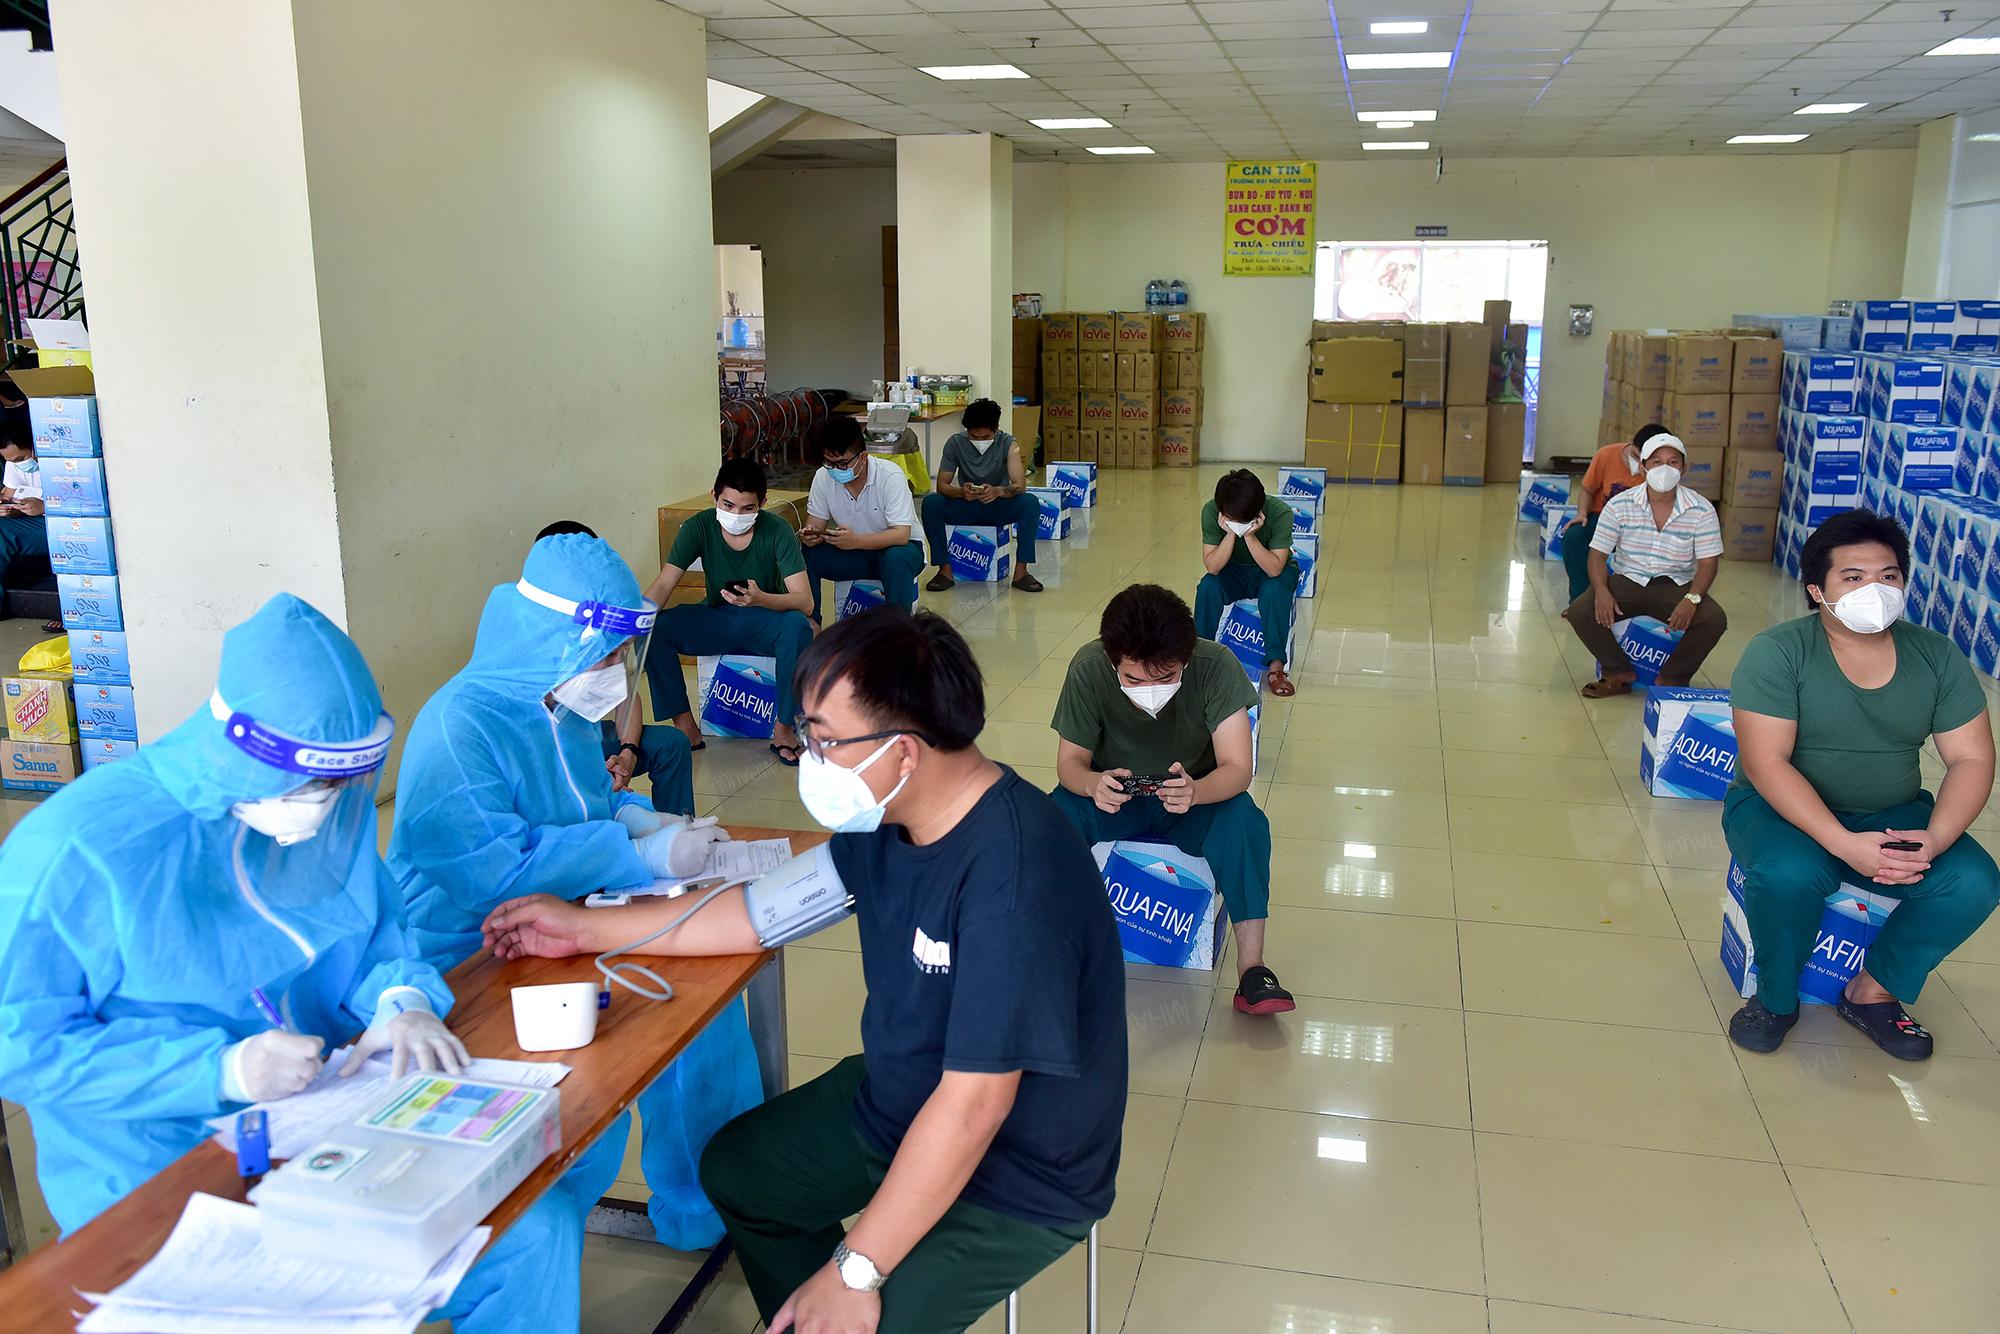 Ảnh: Ngày đầu làm việc của đội tiêm vắc xin phòng COVID-19 lưu động đến tận điểm cách ly, khu dân cư ở TP.HCM - 6